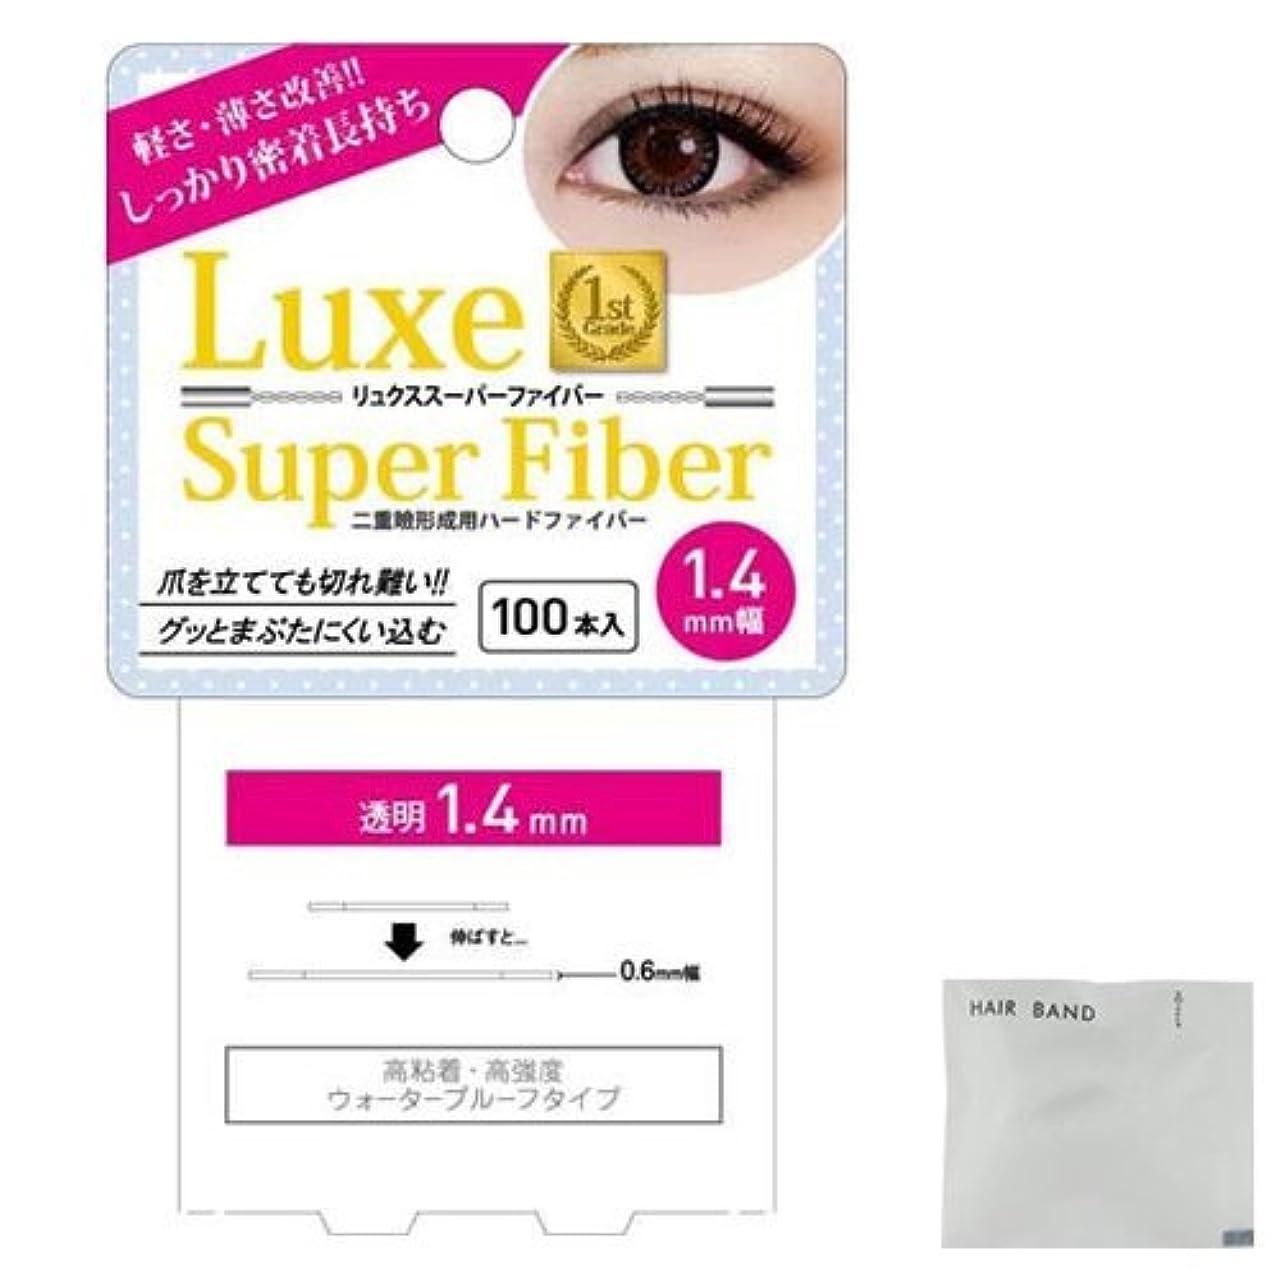 必須曲がったオーナメントLuxe スーパーファイバーⅡ (Super Fiber) クリア1.4mm + ヘアゴム(カラーはおまかせ)セット